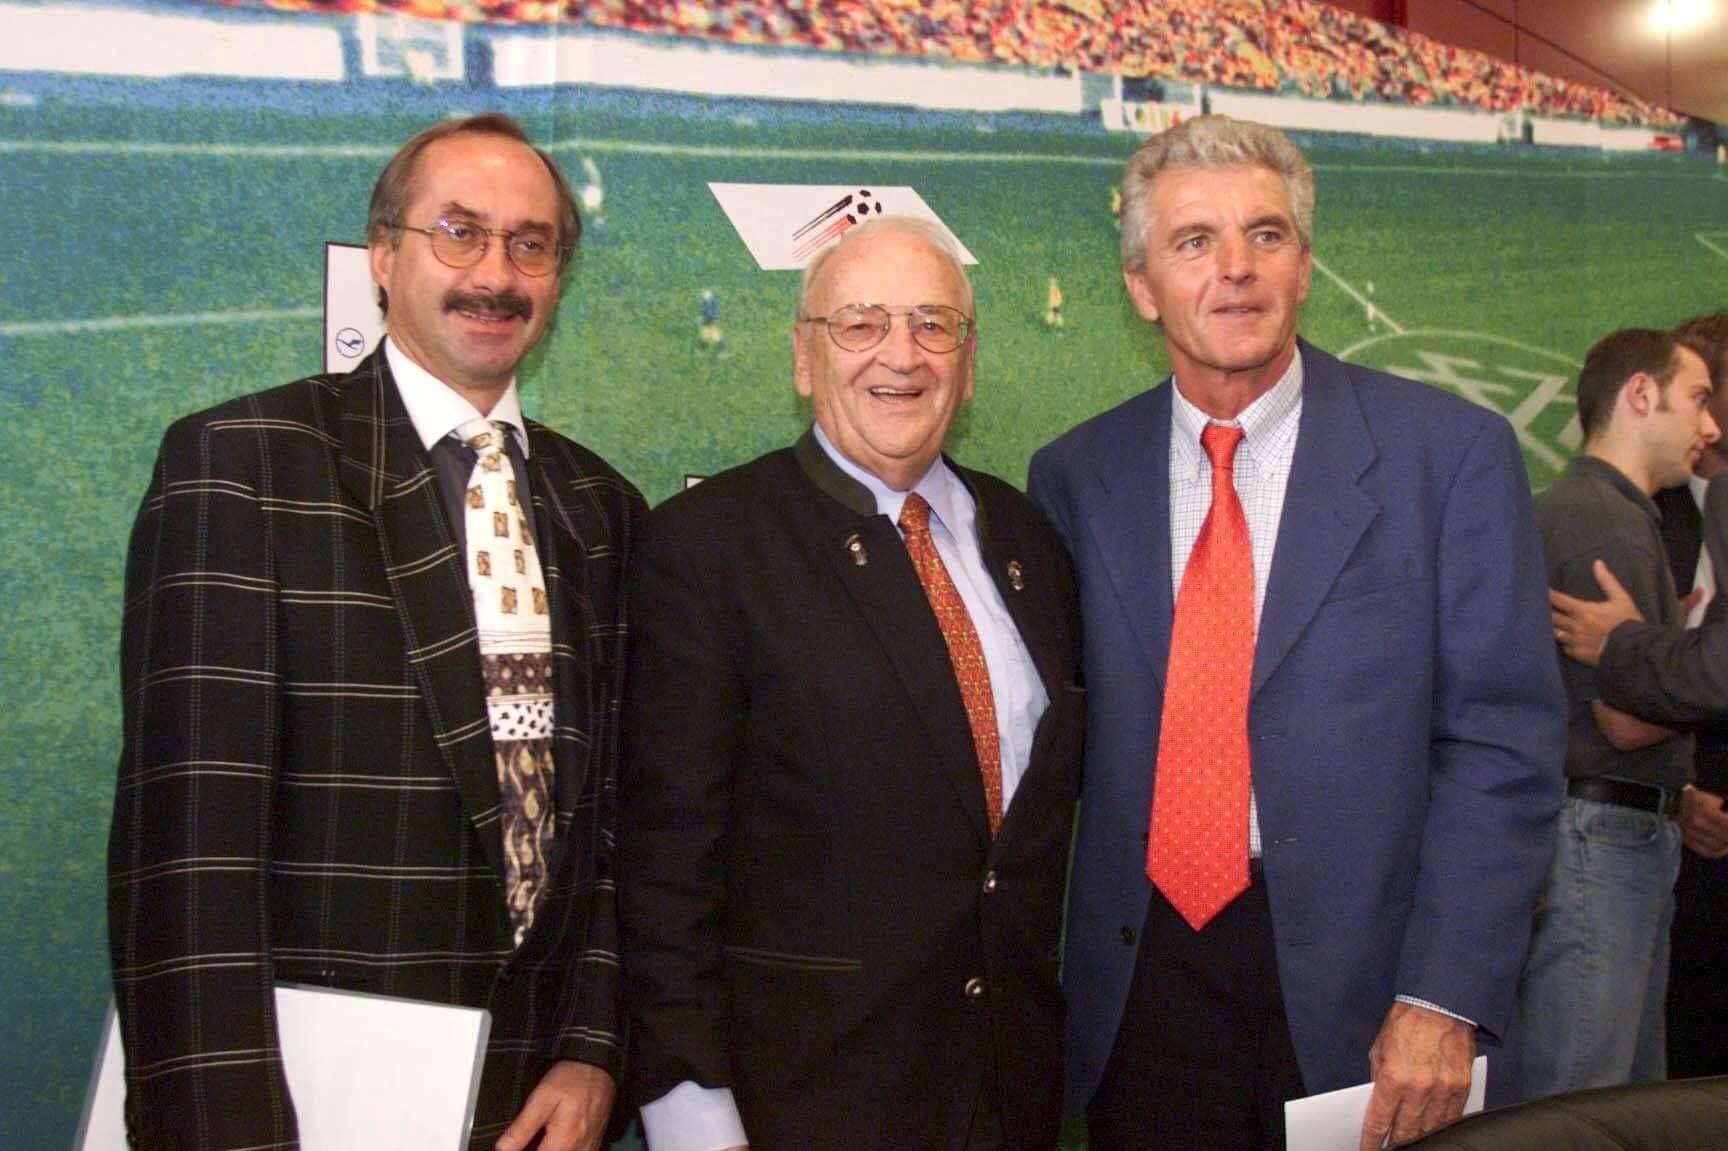 Erich Ribbeck (re), Egidius Braun und Uli Stielicke (li) - die Protagonisten der Seifenoper-Ernennung des Bundestrainers.